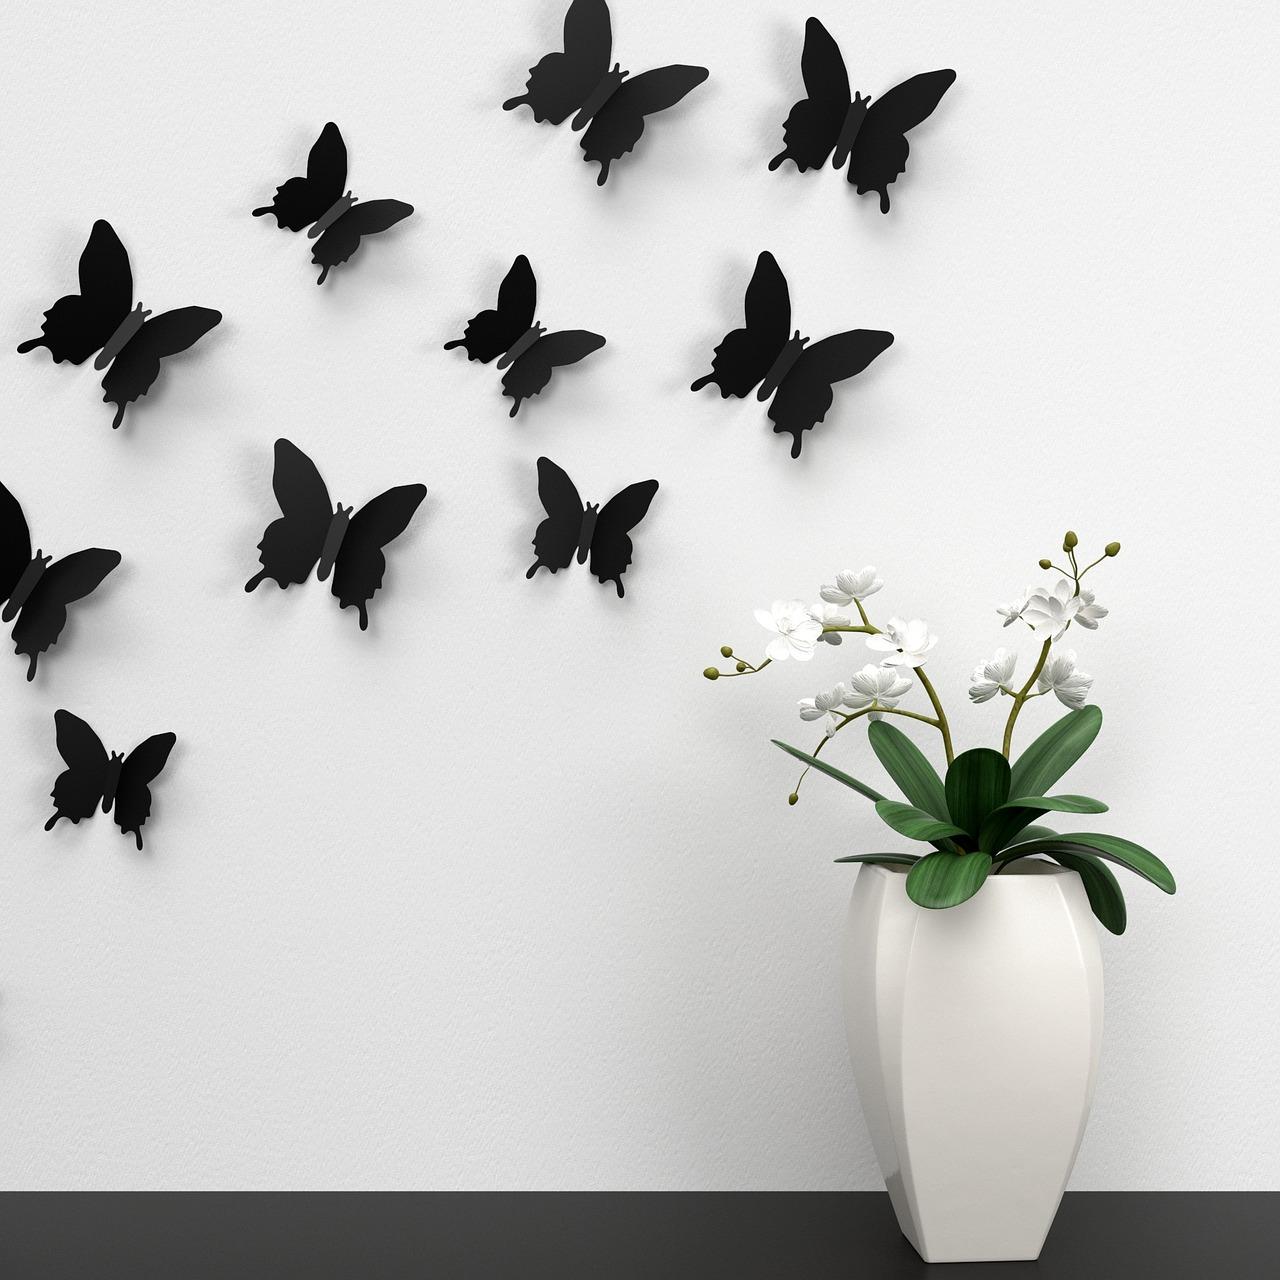 astuces infaillibles pour d coller simplement du papier peint achats en ligne. Black Bedroom Furniture Sets. Home Design Ideas